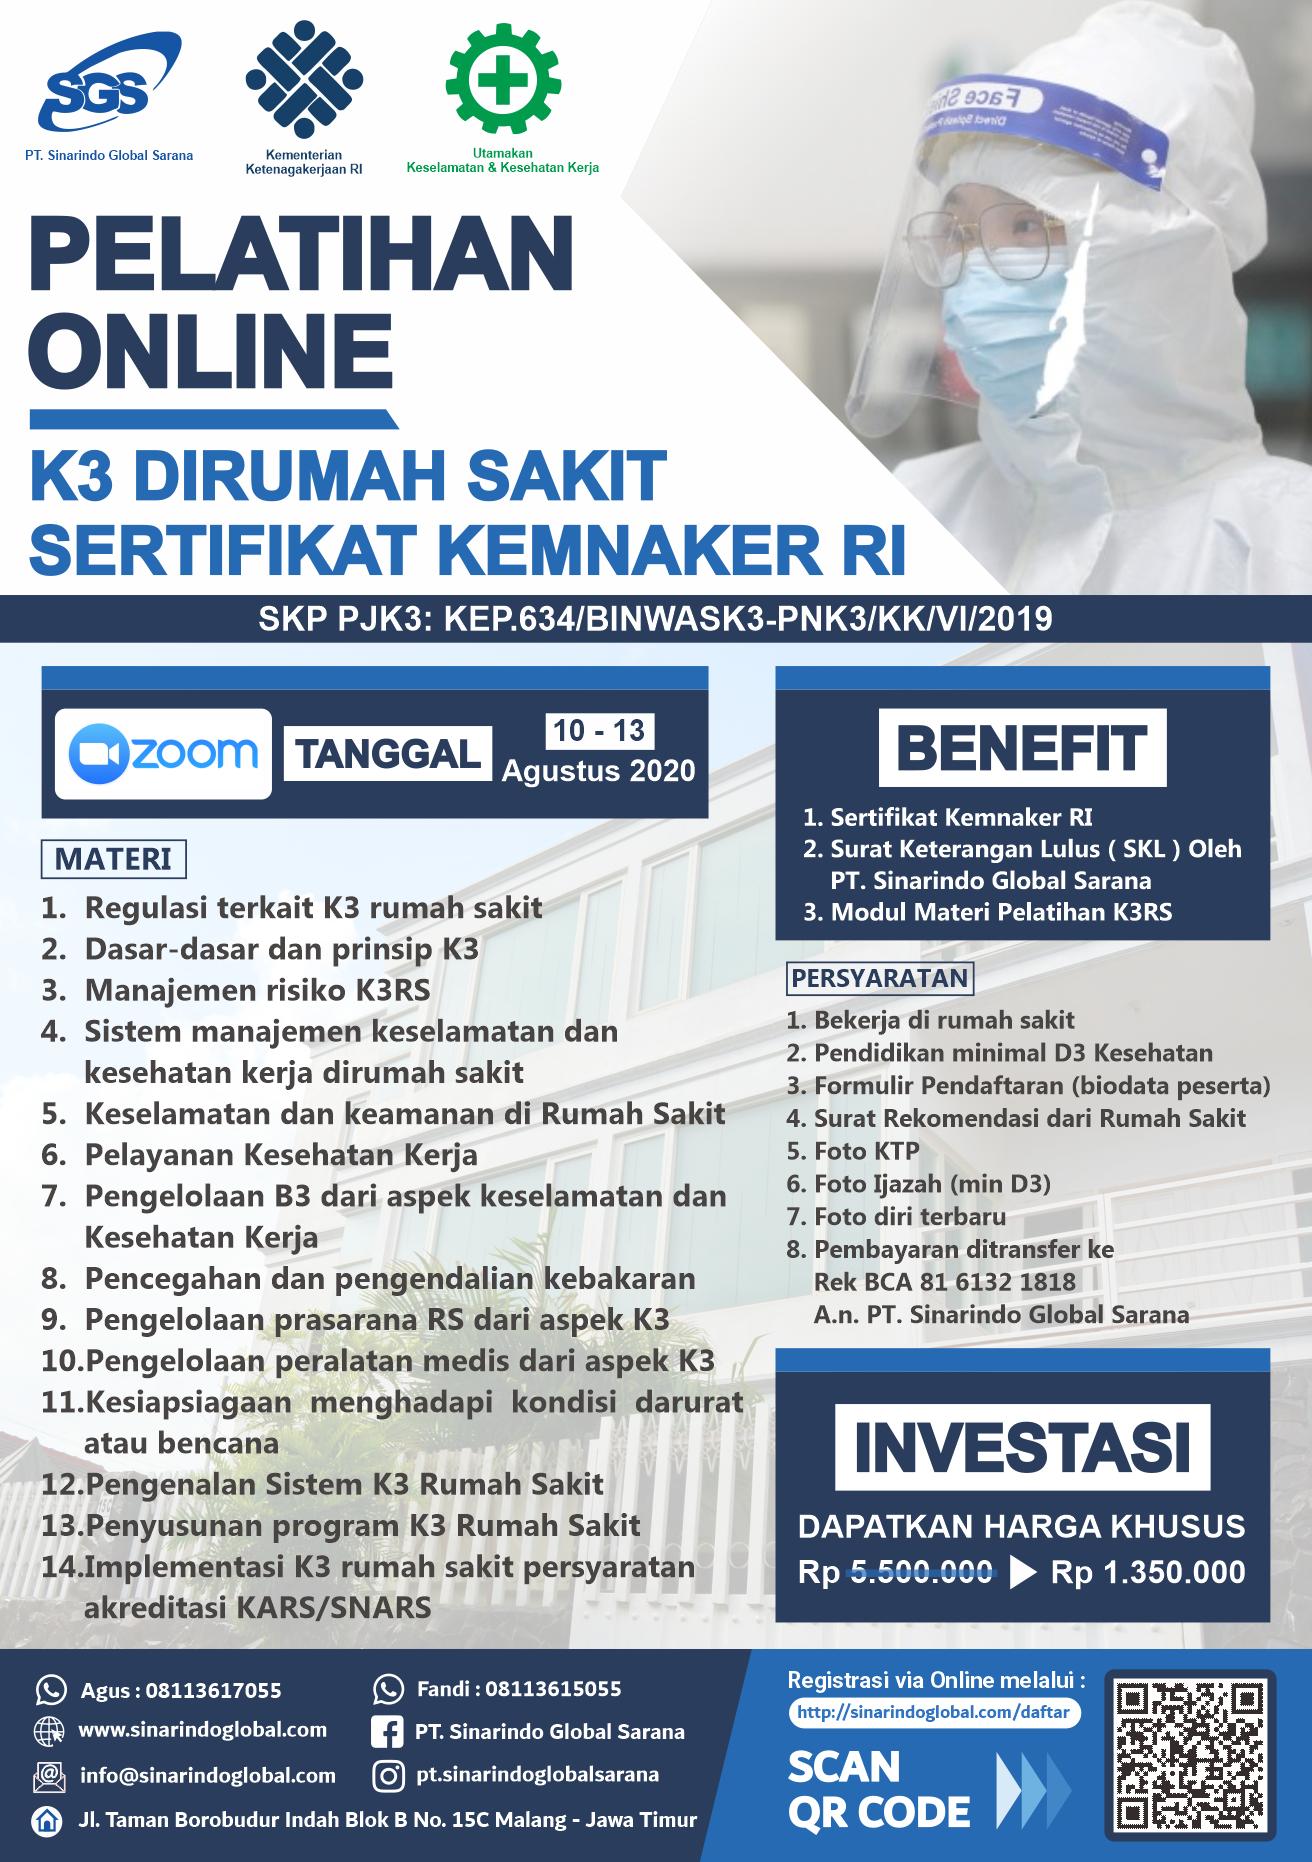 K3 Rumah Sakit